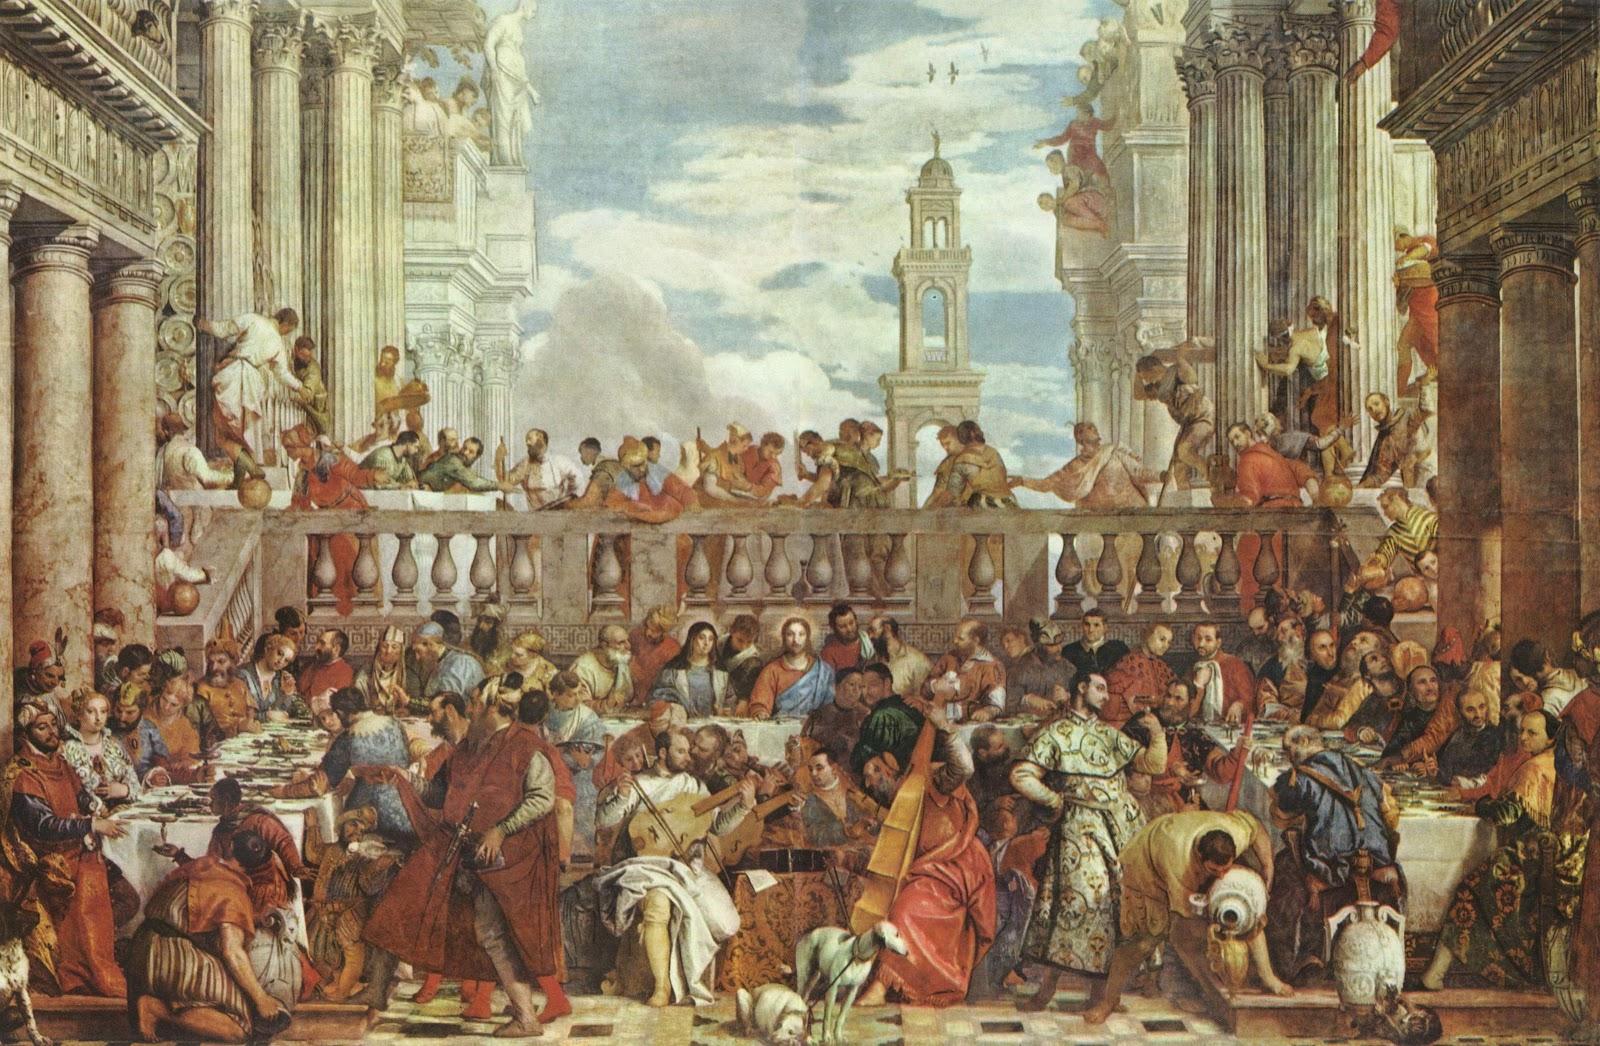 La música internacional europea en torno al año 1600